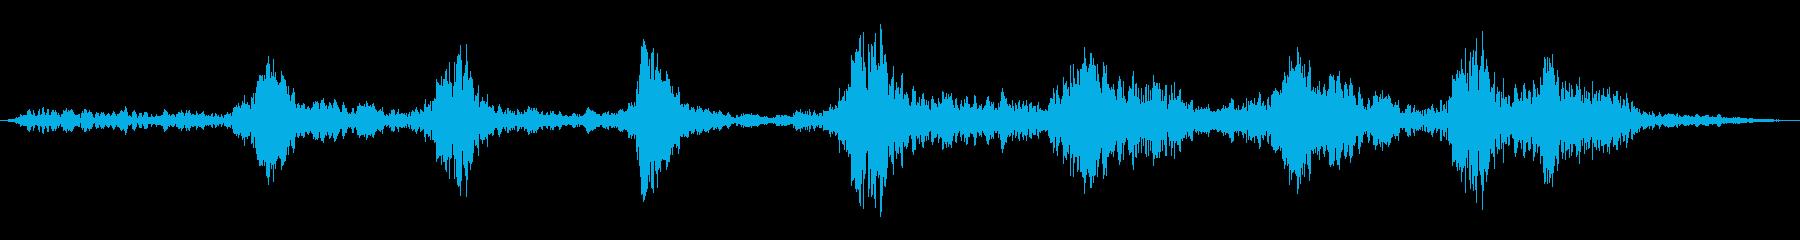 ゴロゴロ回転するシューの再生済みの波形